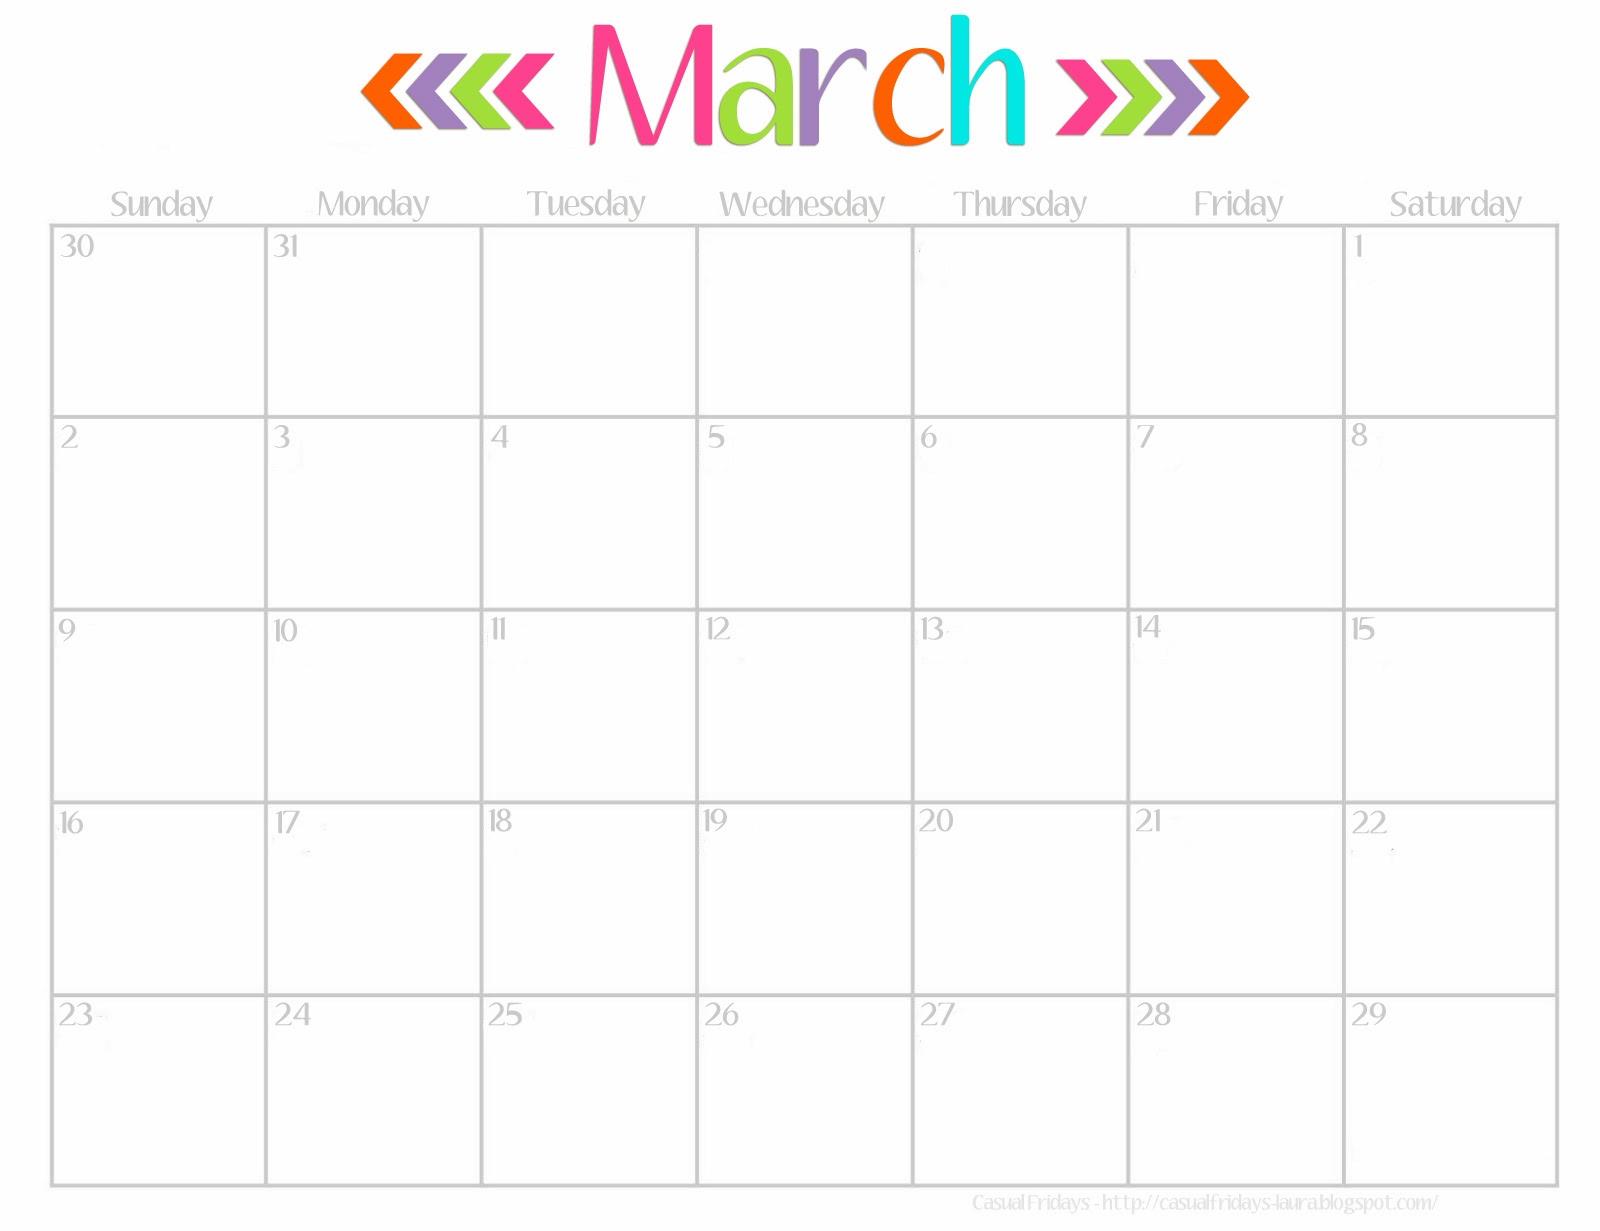 March Calendar Wallpaper - WallpaperSafari